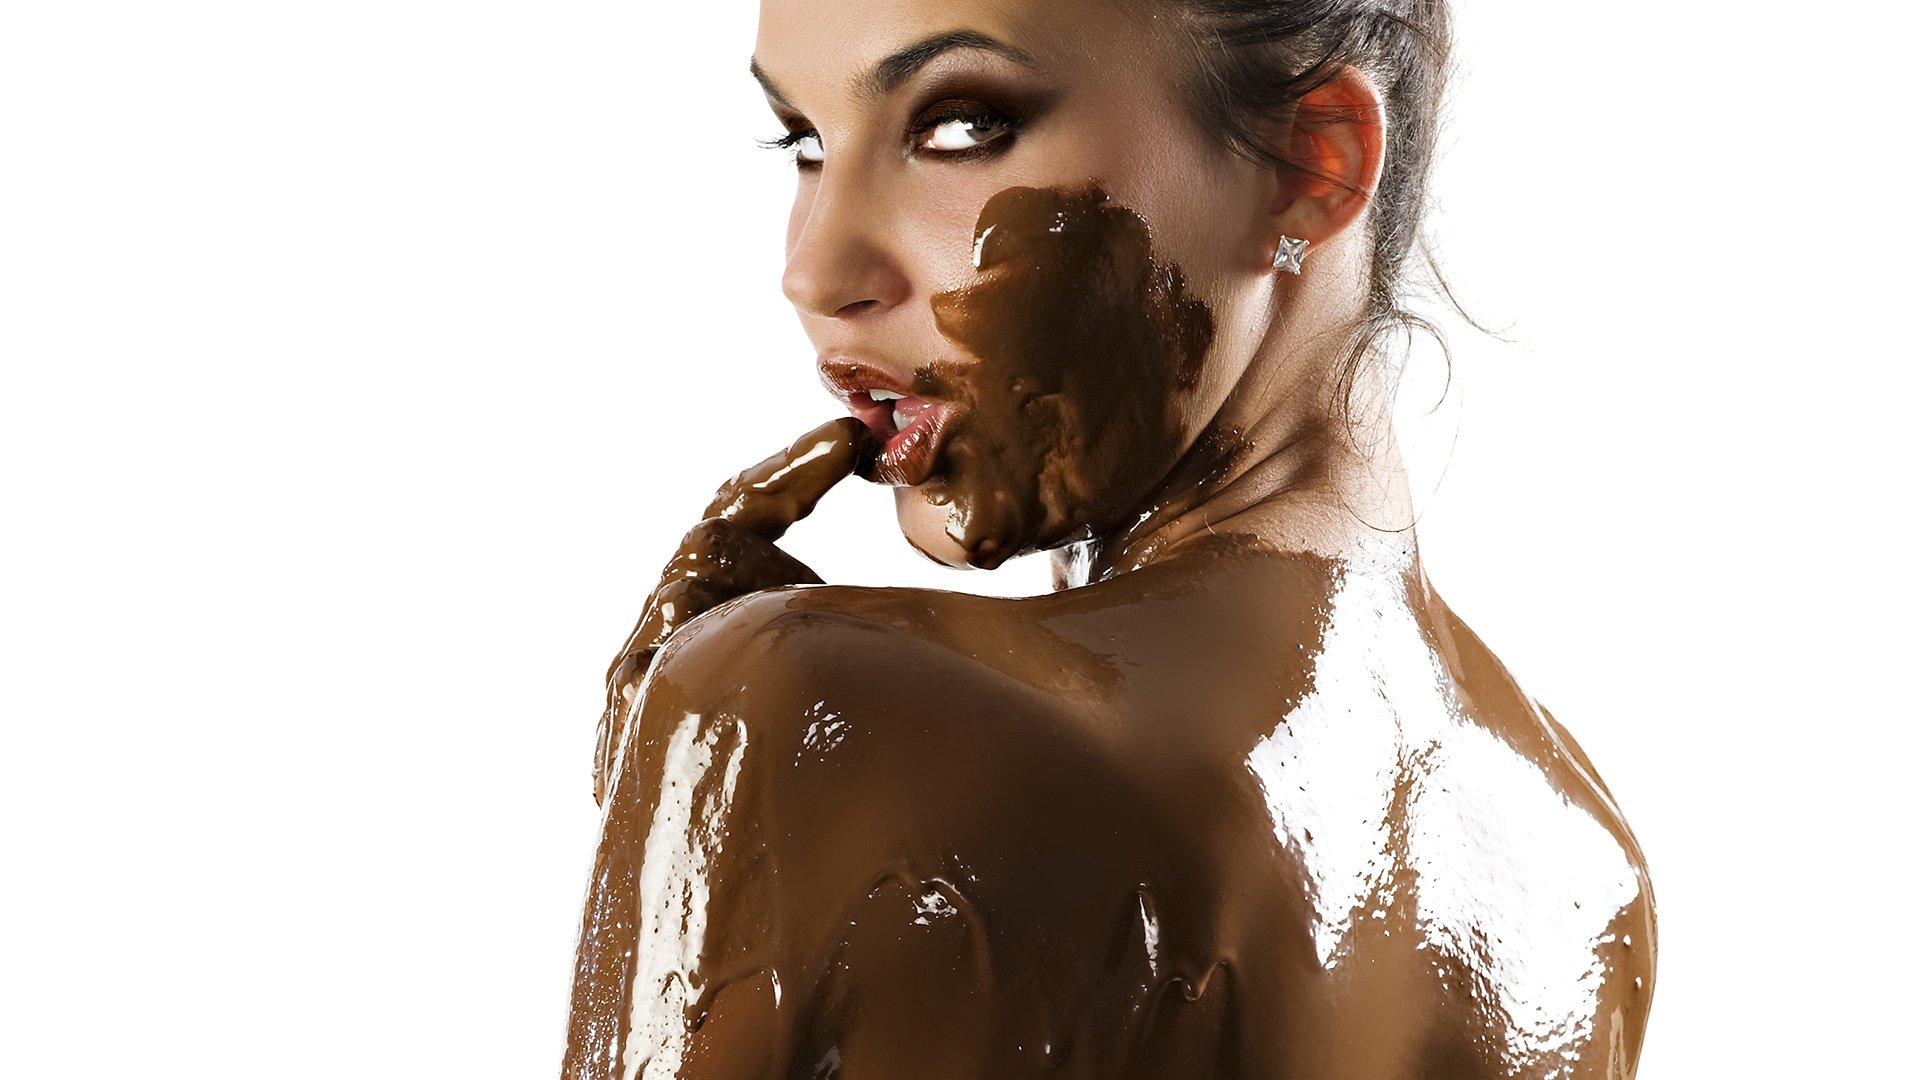 Шоколад поможет замедлить процесс старения